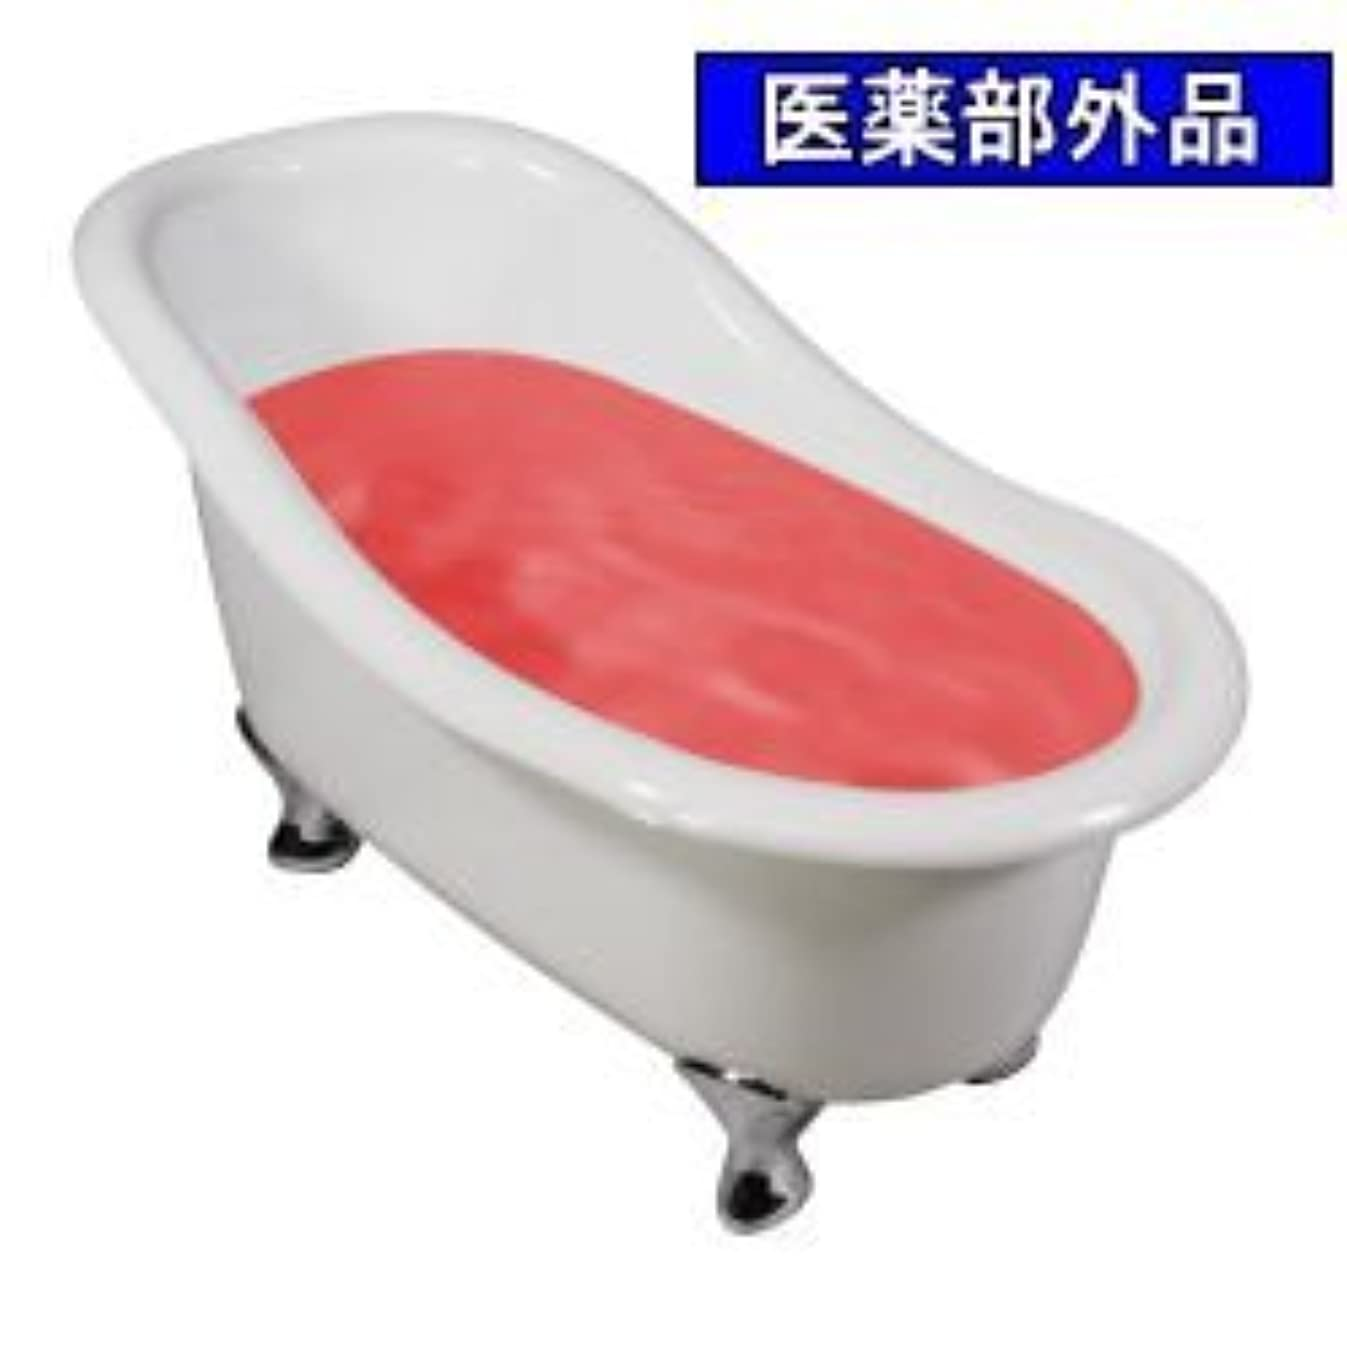 王族処方配置業務用薬用入浴剤バスフレンド もも 17kg 医薬部外品